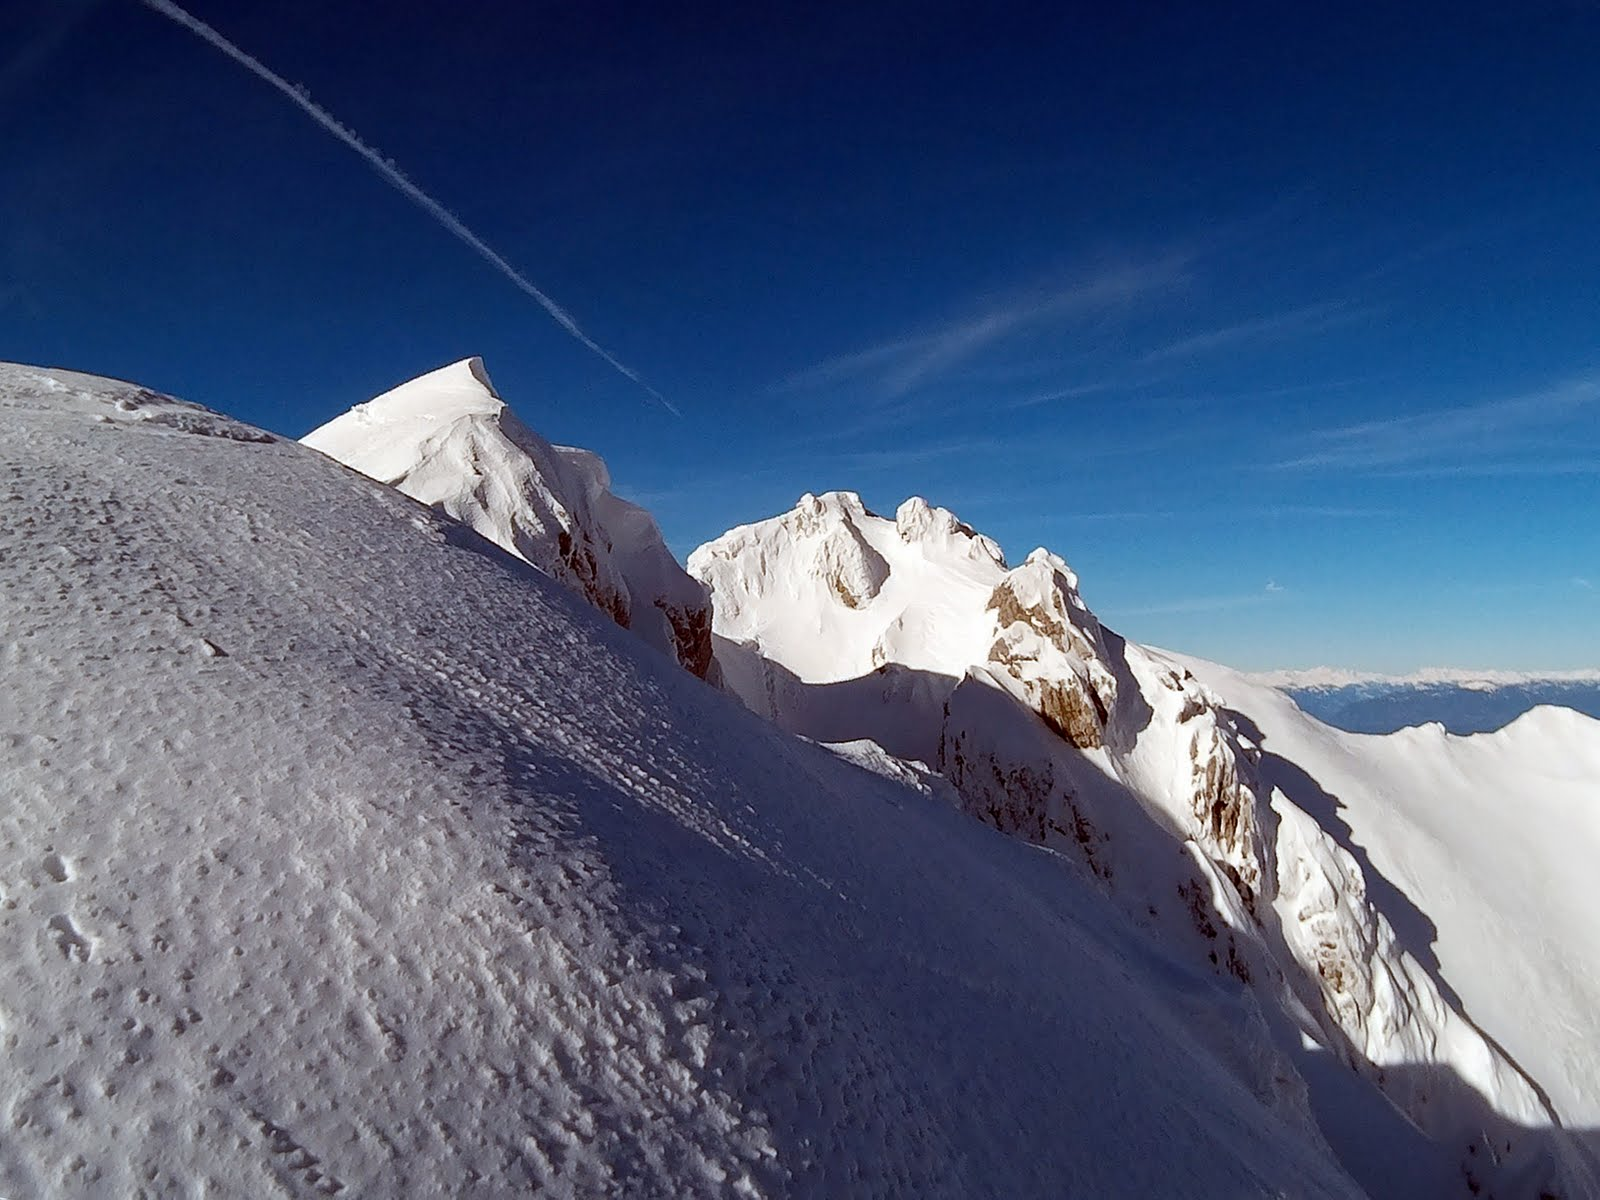 vrh Vrtače je iza onog drugog oblijeg vrha